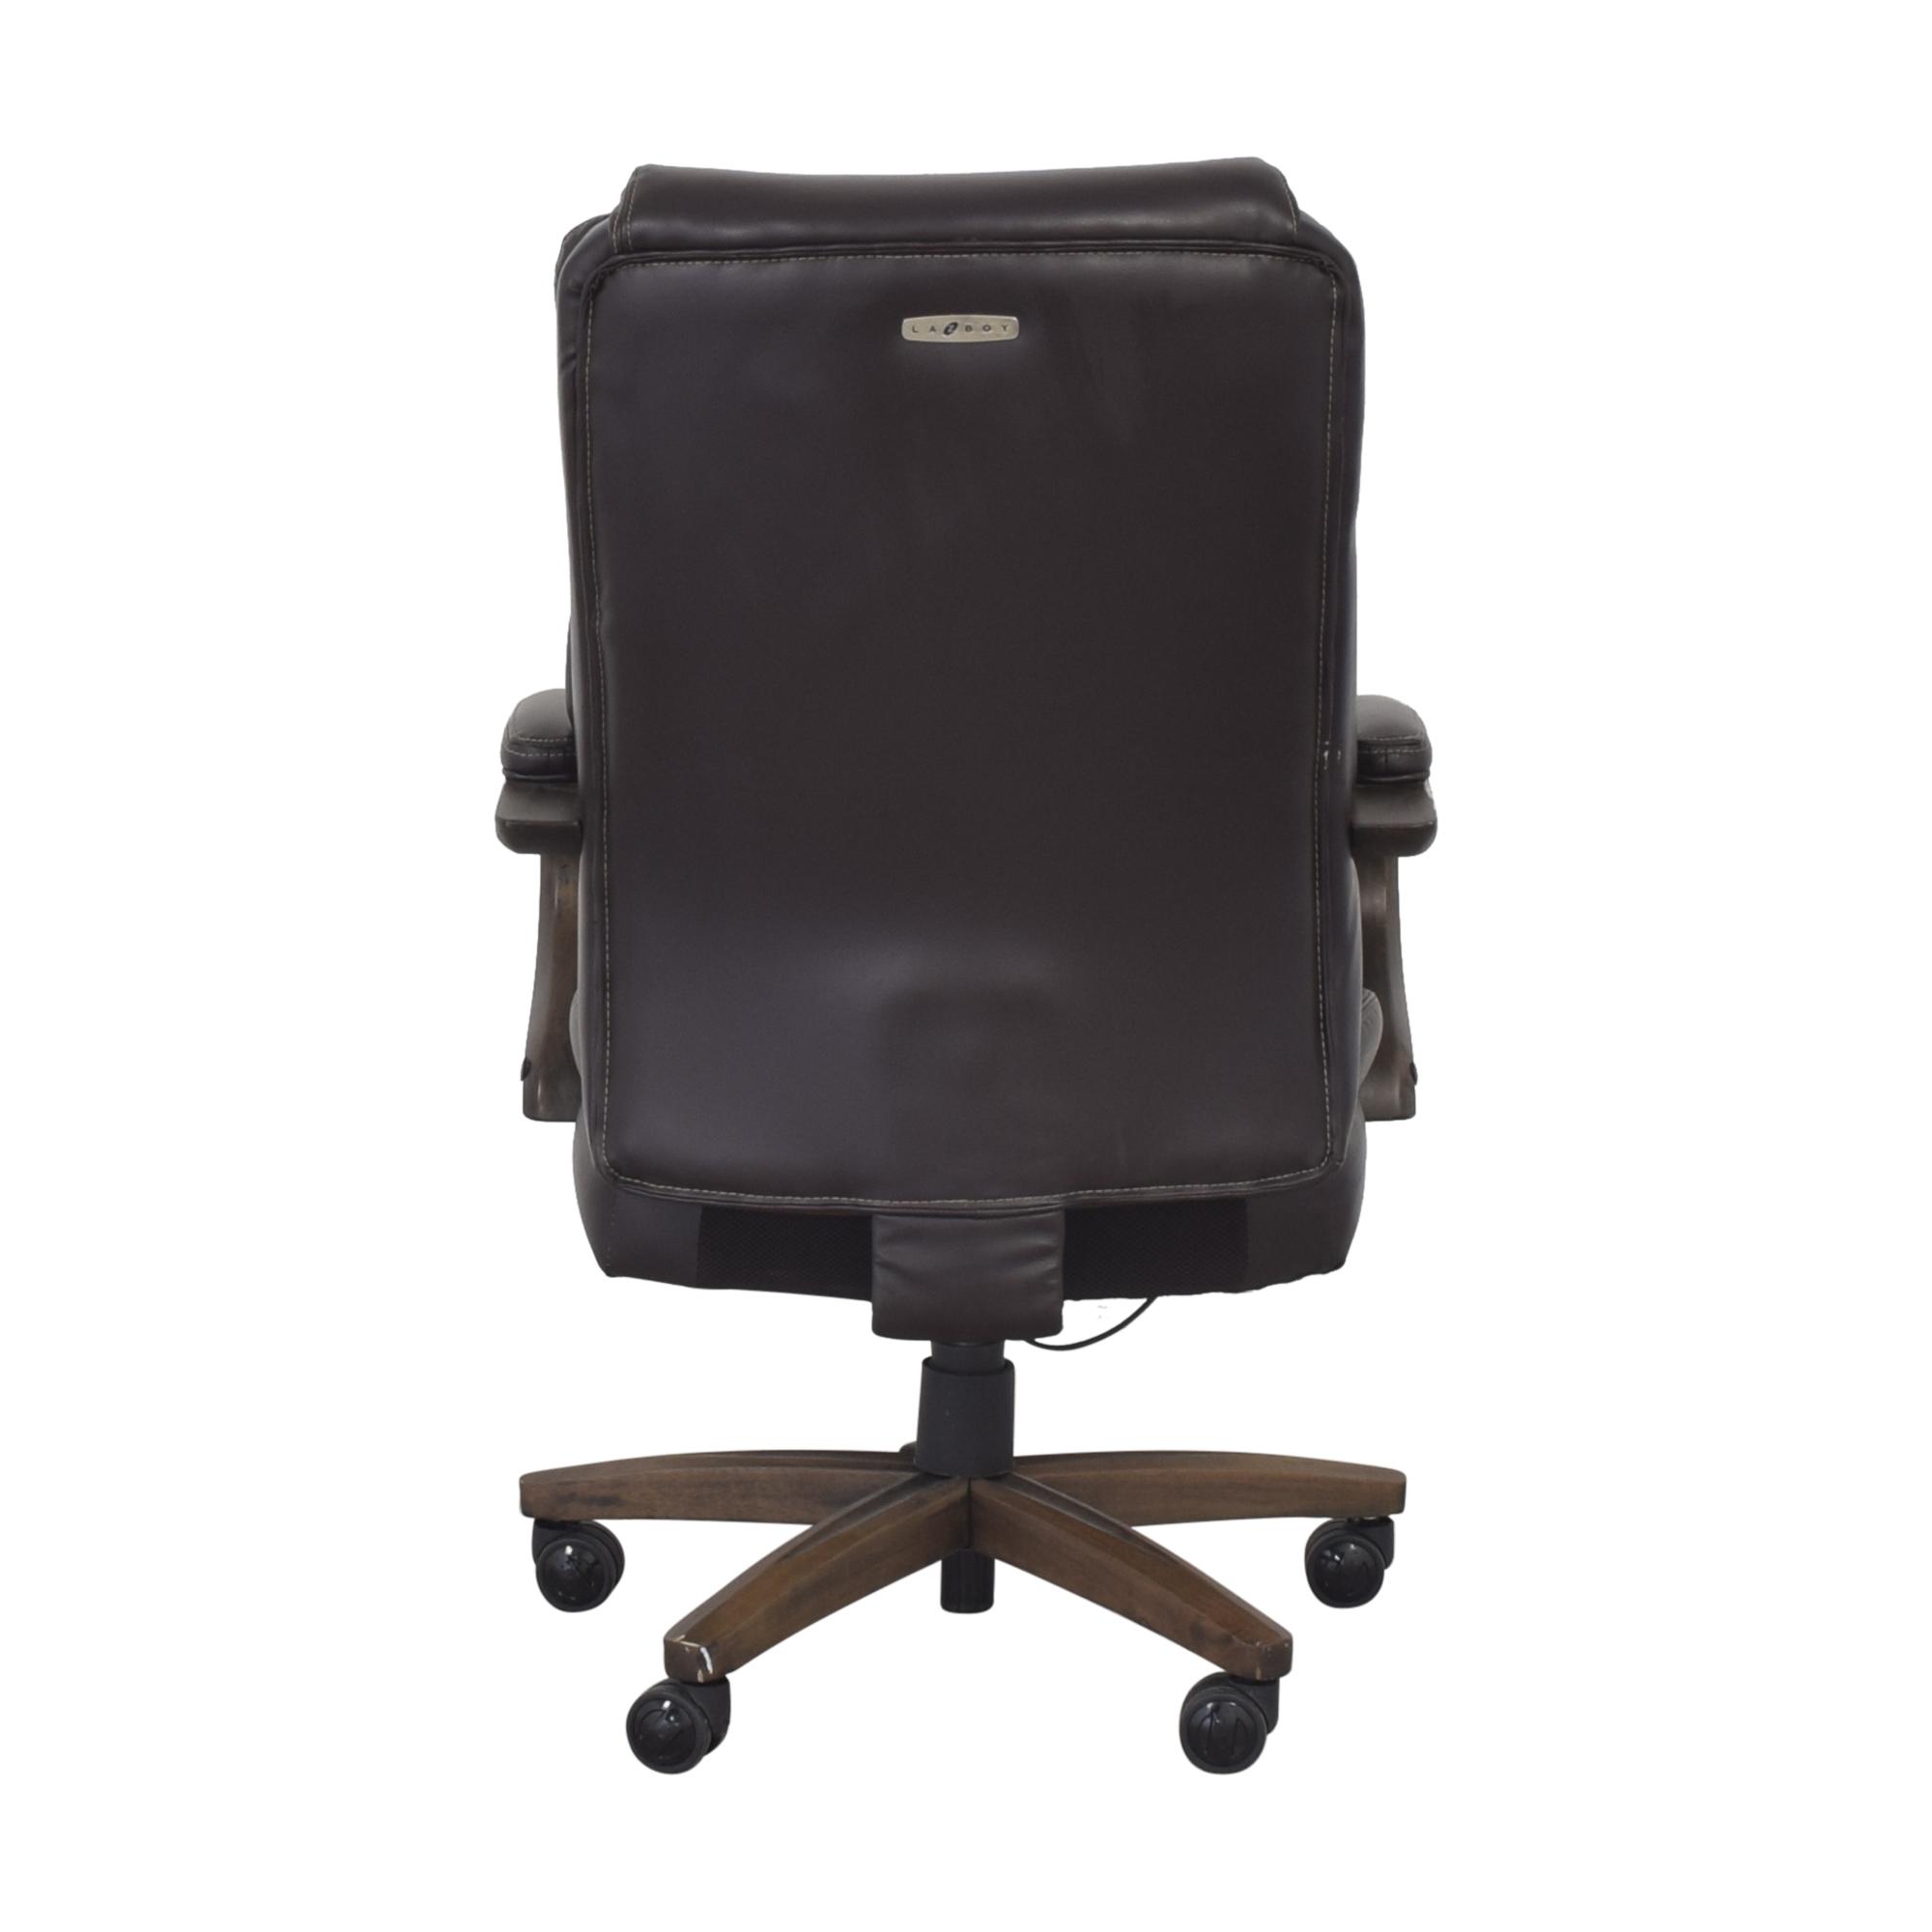 shop La-Z-Boy Executive-Style Office Chair La-Z-Boy Chairs